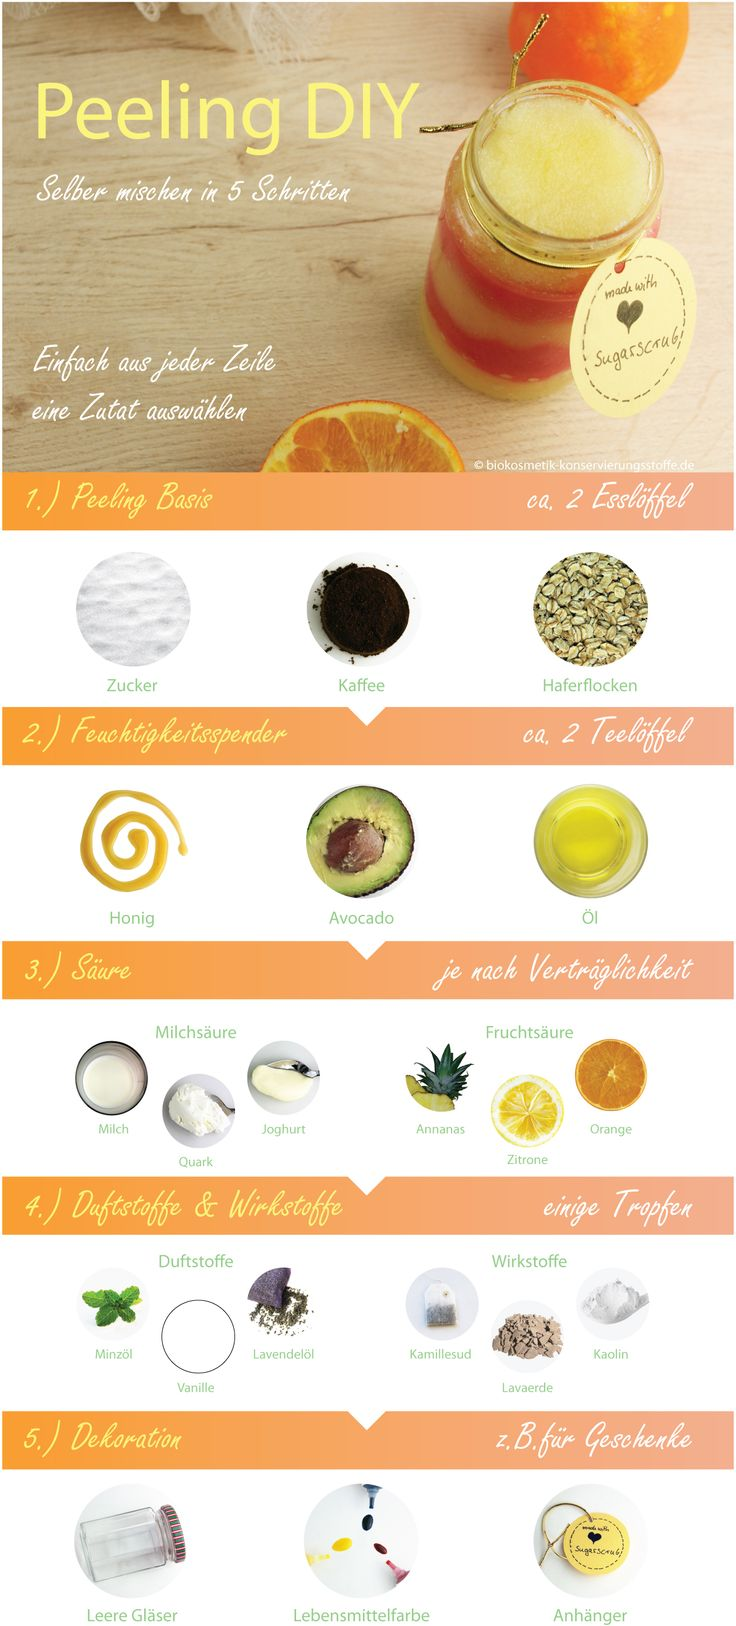 Rezepte für selbst gemachte Peelings | Biokosmetik Gesundheit - Rezepte, Anleitungen, Tipps News